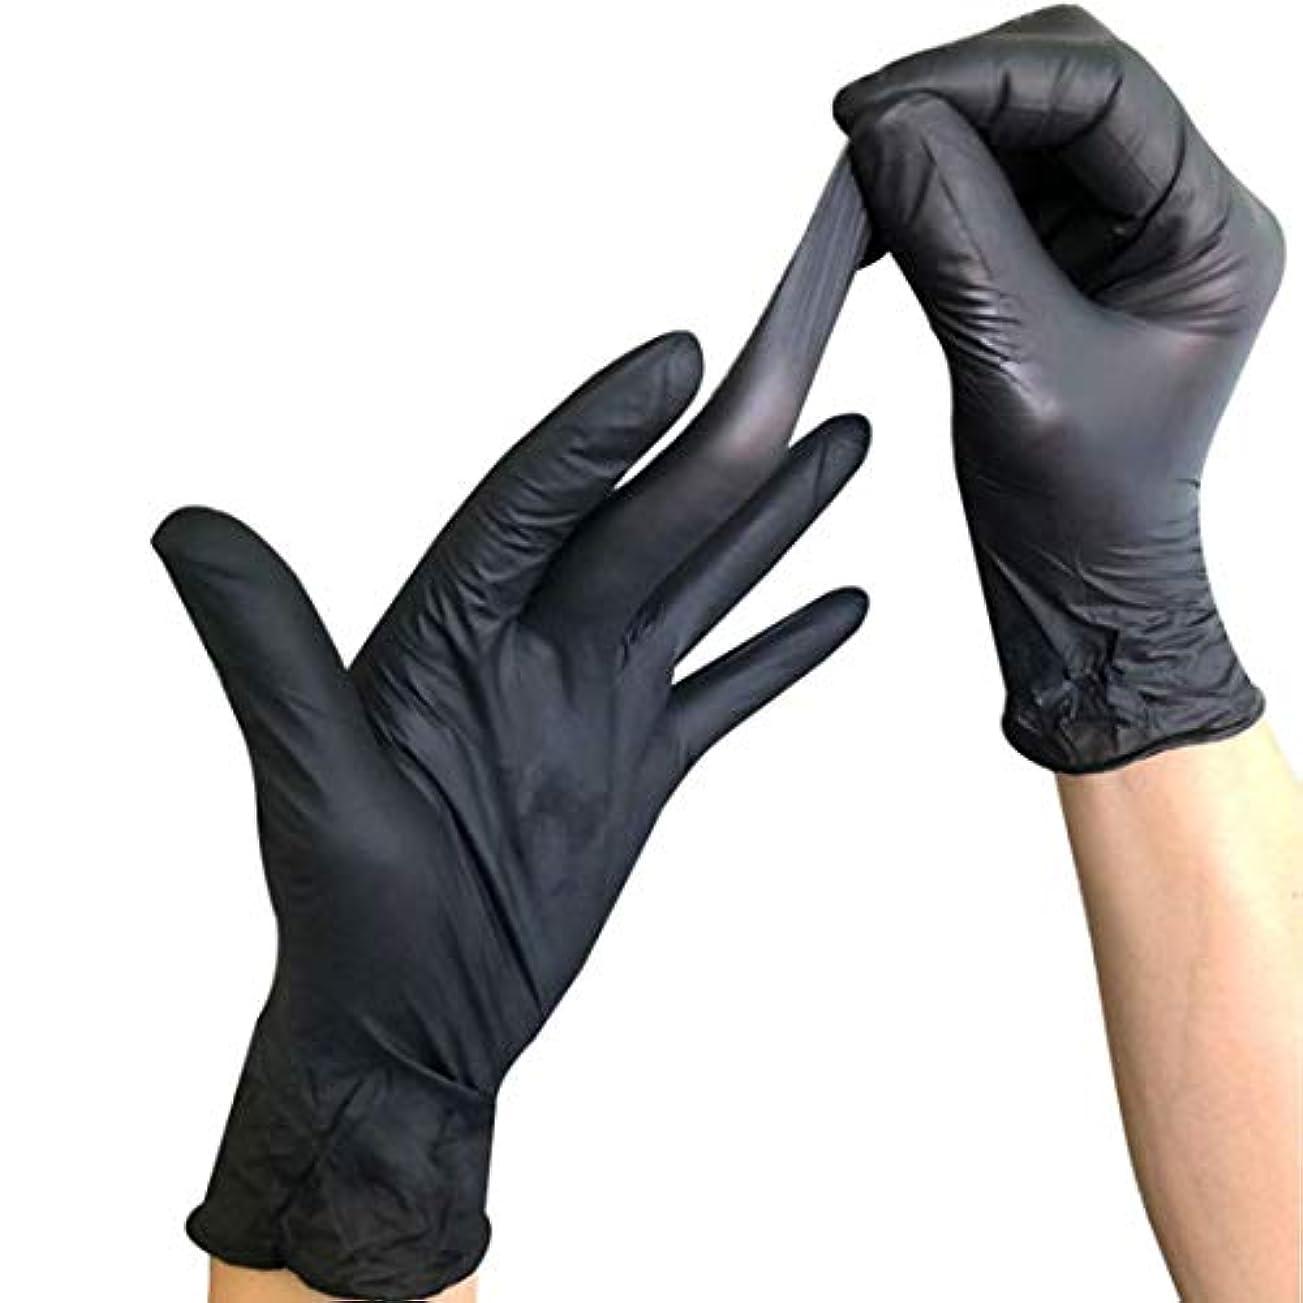 失礼田舎シプリー使い捨て手袋 ニトリル手袋 厚手防水 耐油 耐久性が強い上に軽く高品質黒 100枚